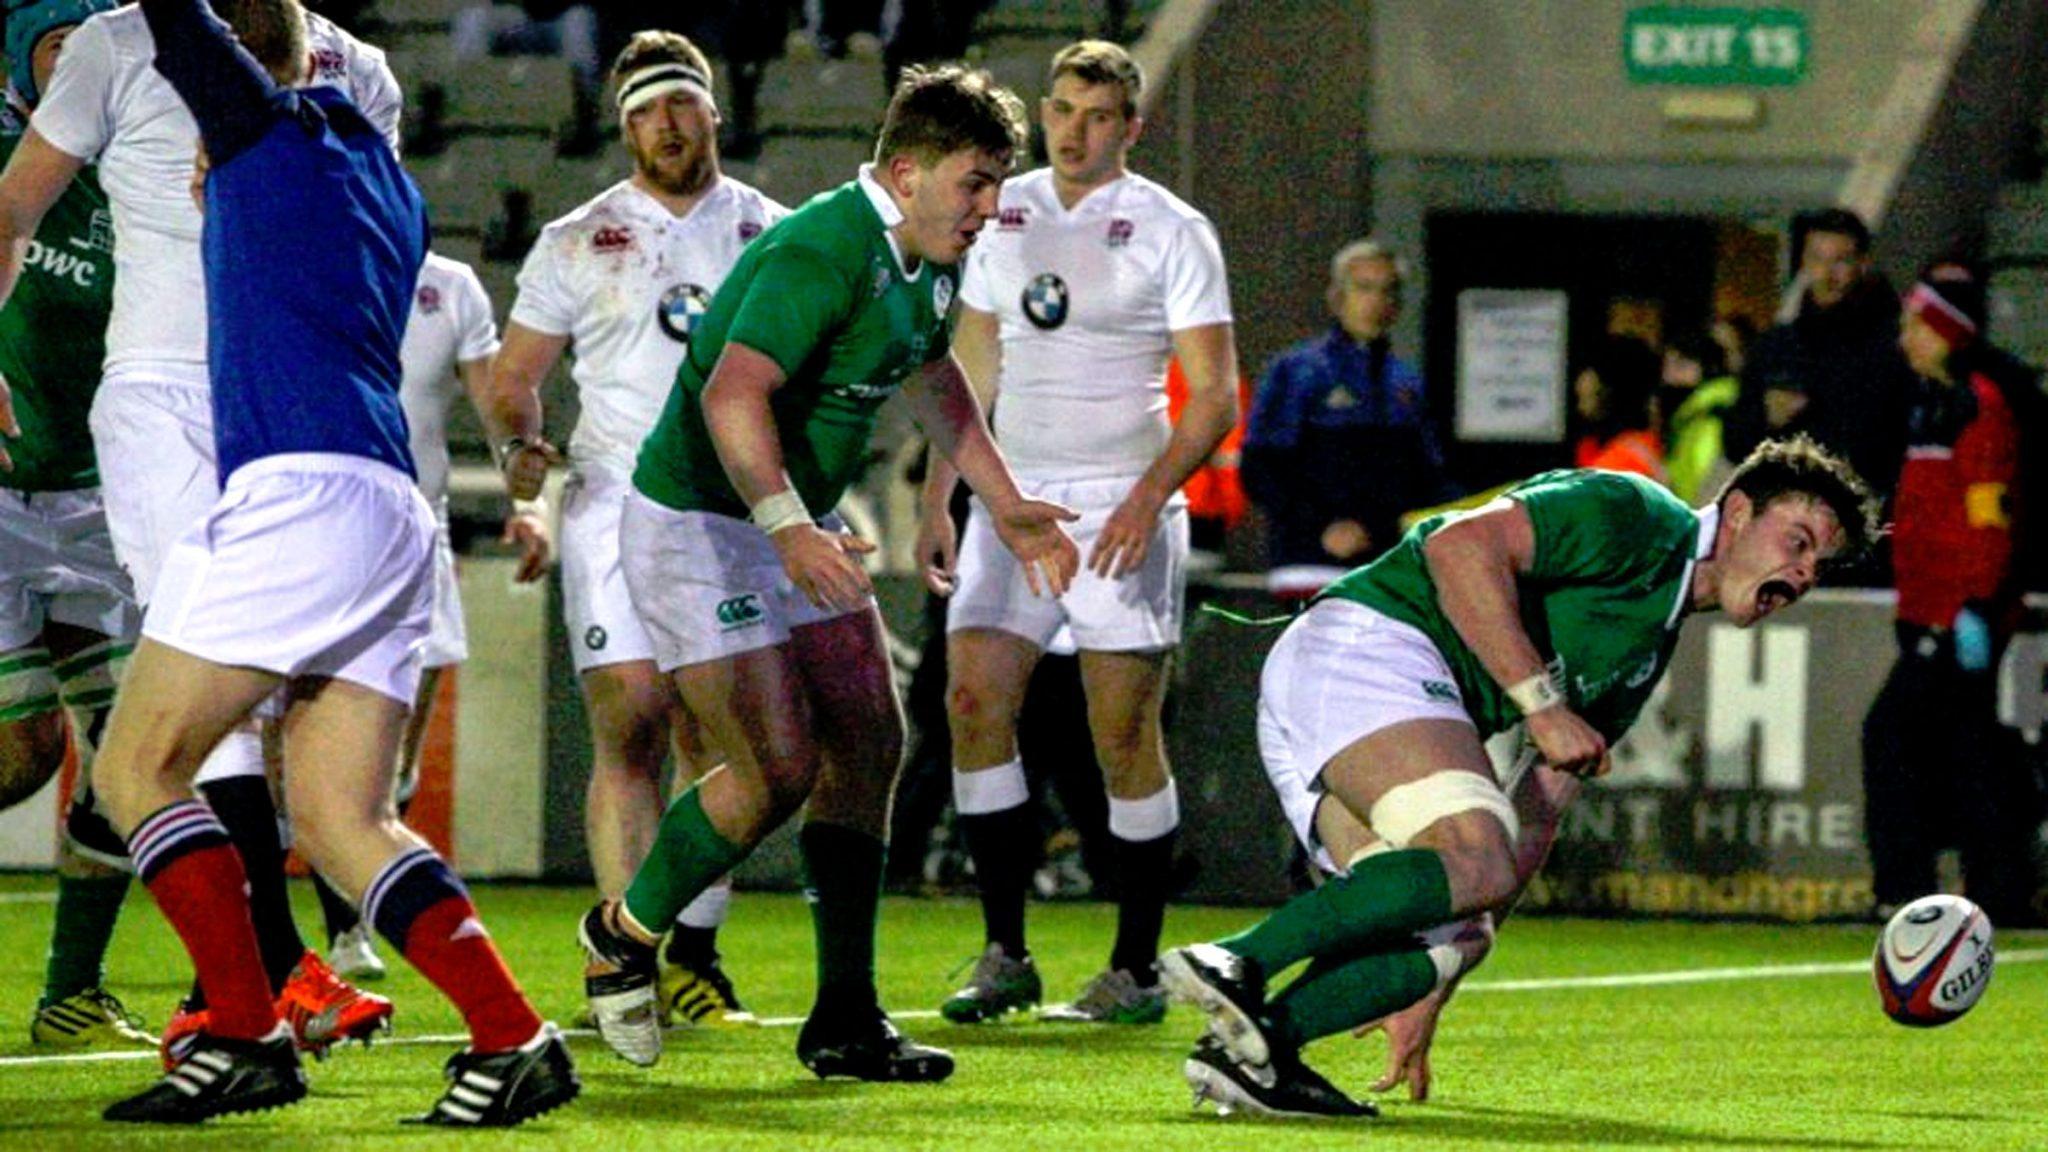 RBS6N: England U20 20 Ireland U20 26